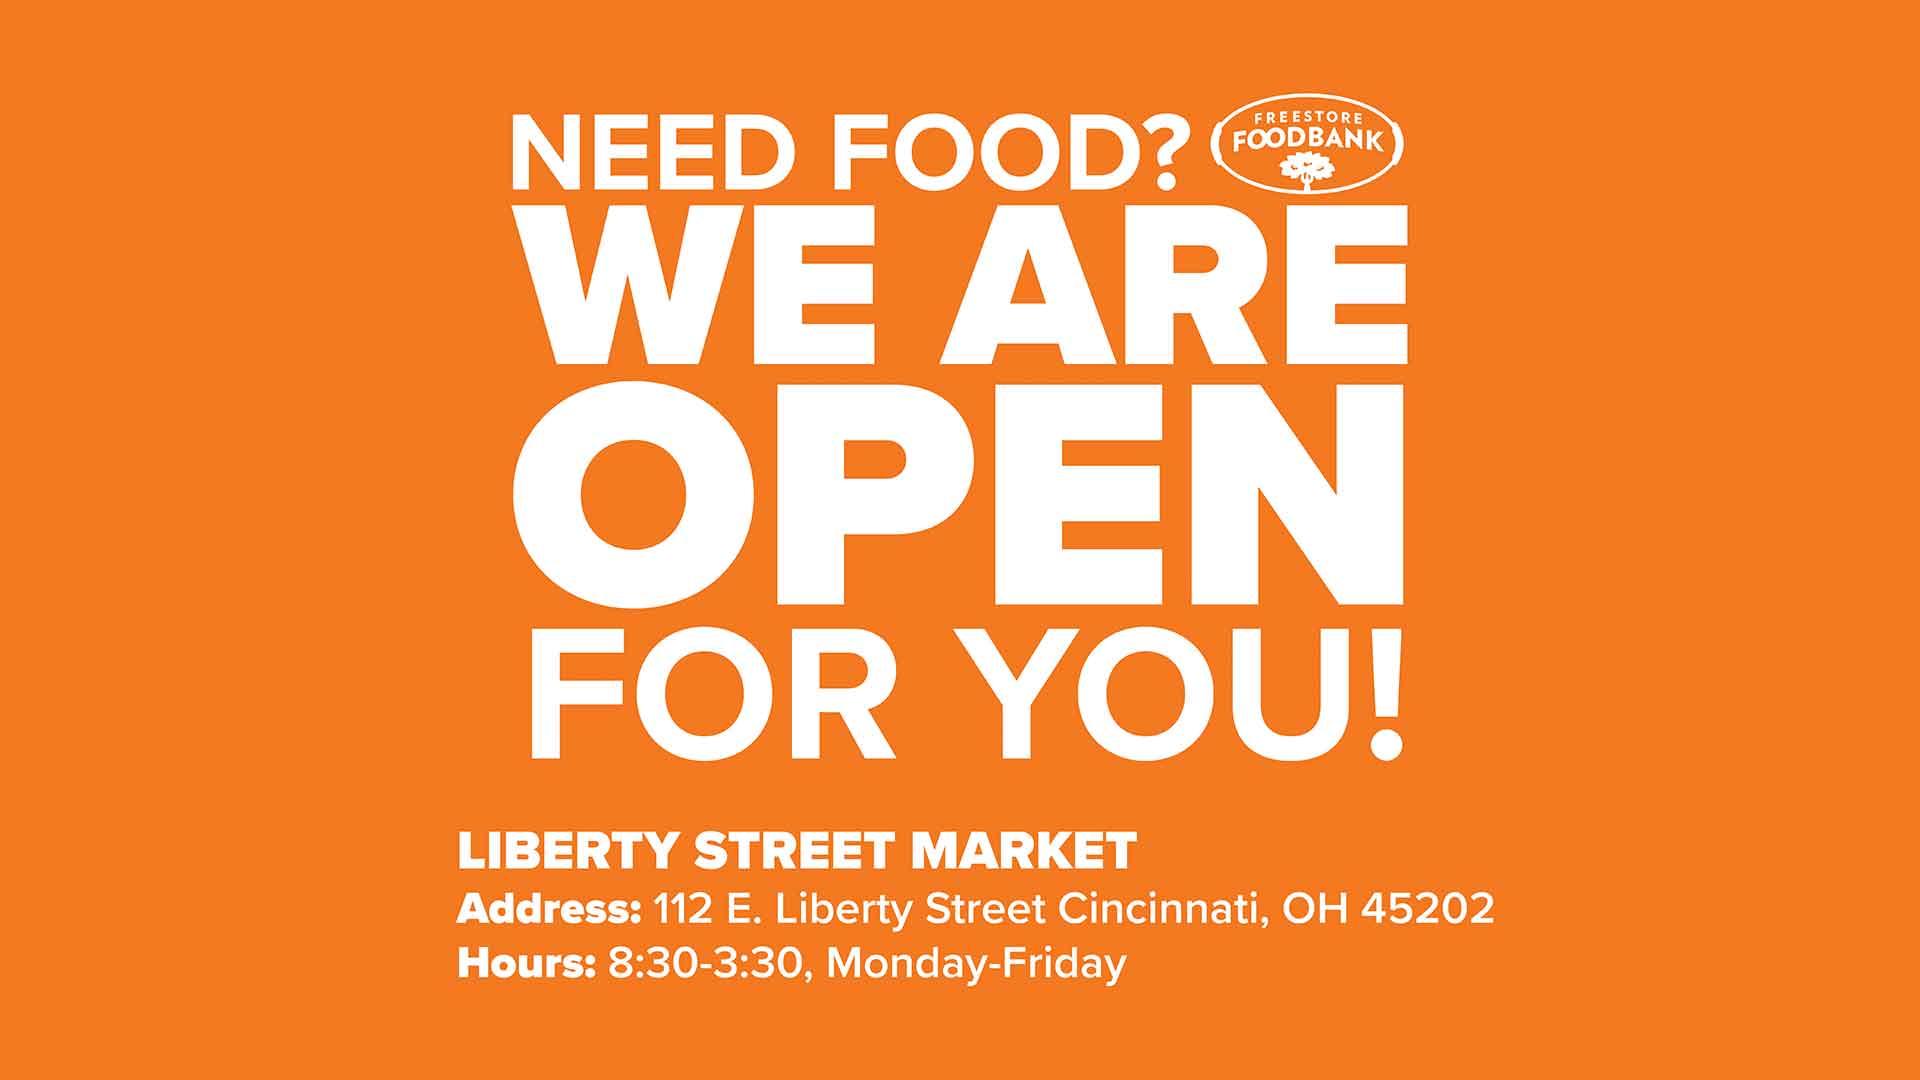 Liberty Street Market